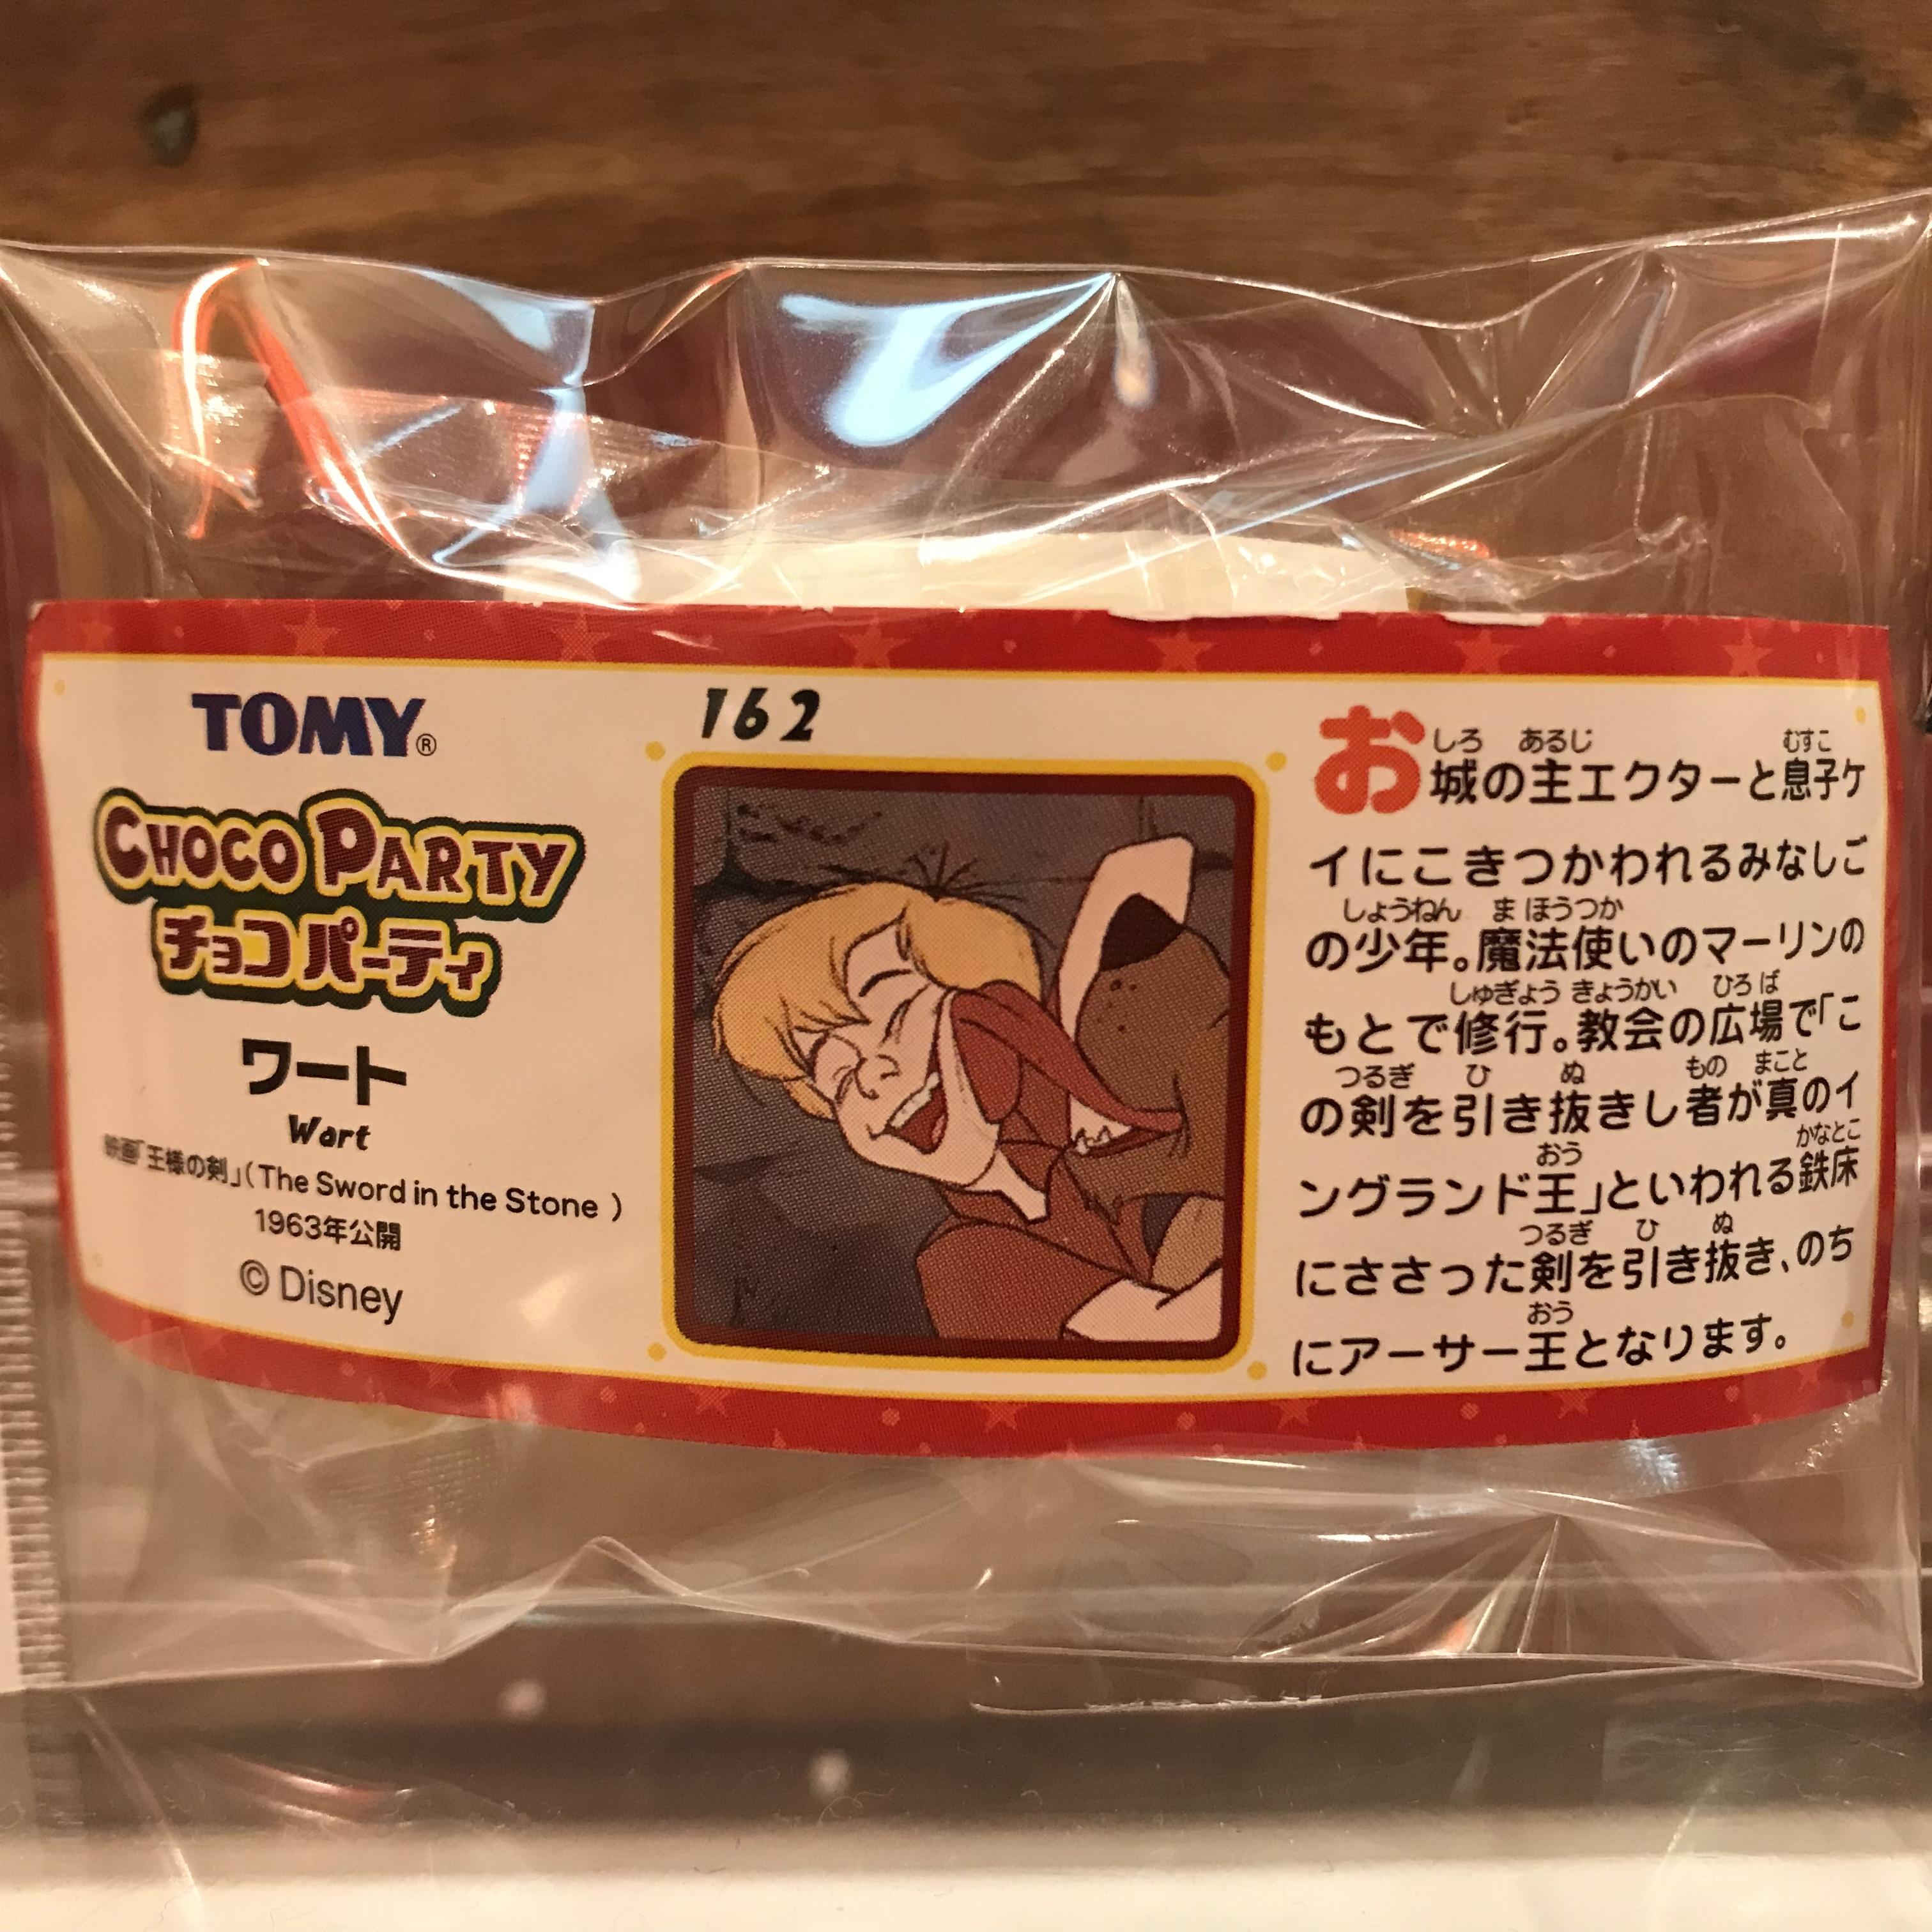 ディズニー チョコパーティ 162 ワート フィギュア 内袋未開封・ミニブック付 TOMY